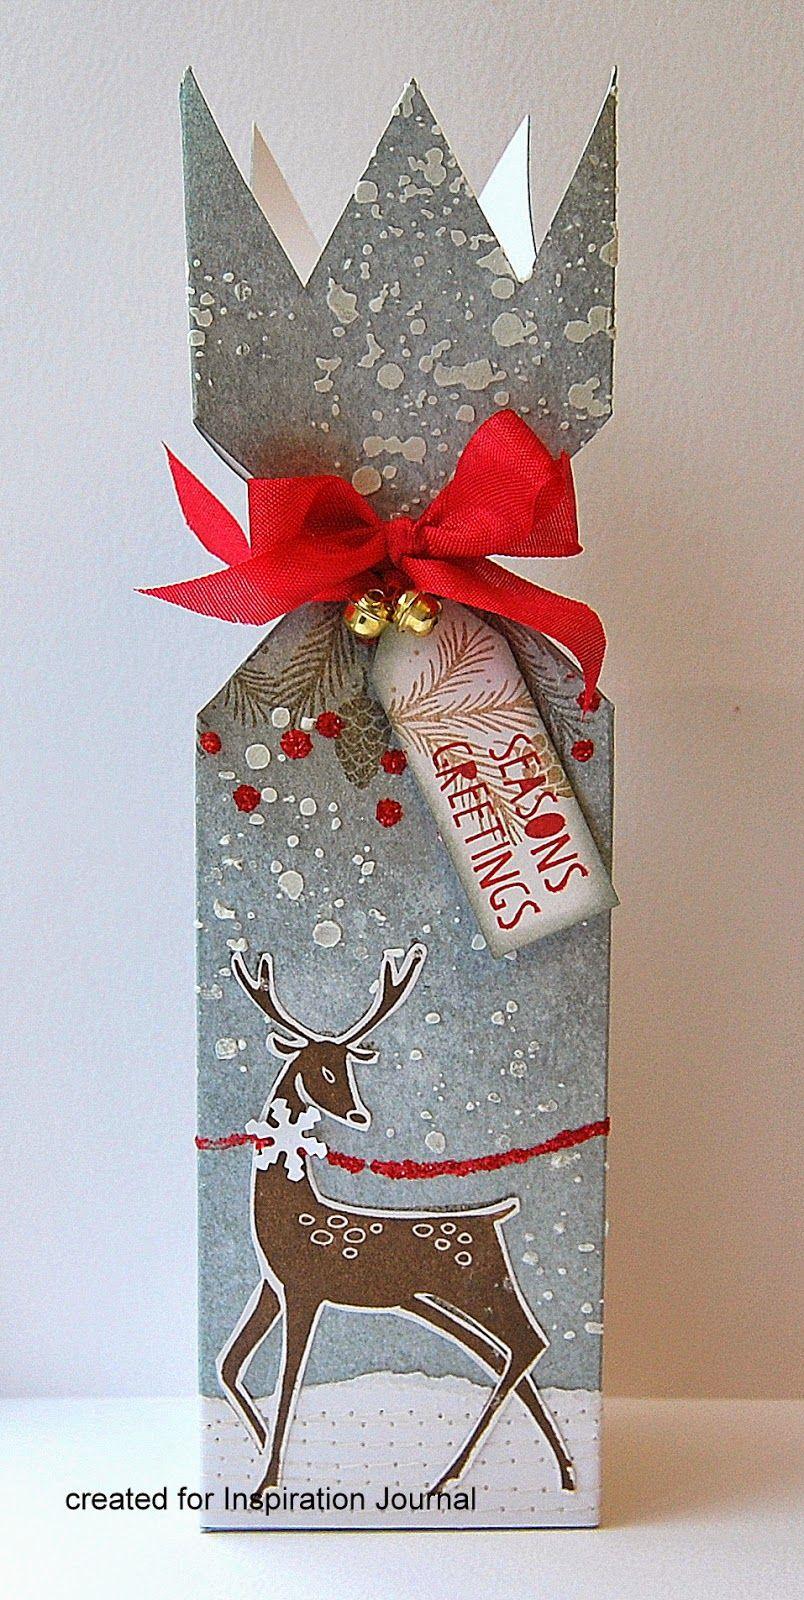 Christmas Crackers: The Christmas Box